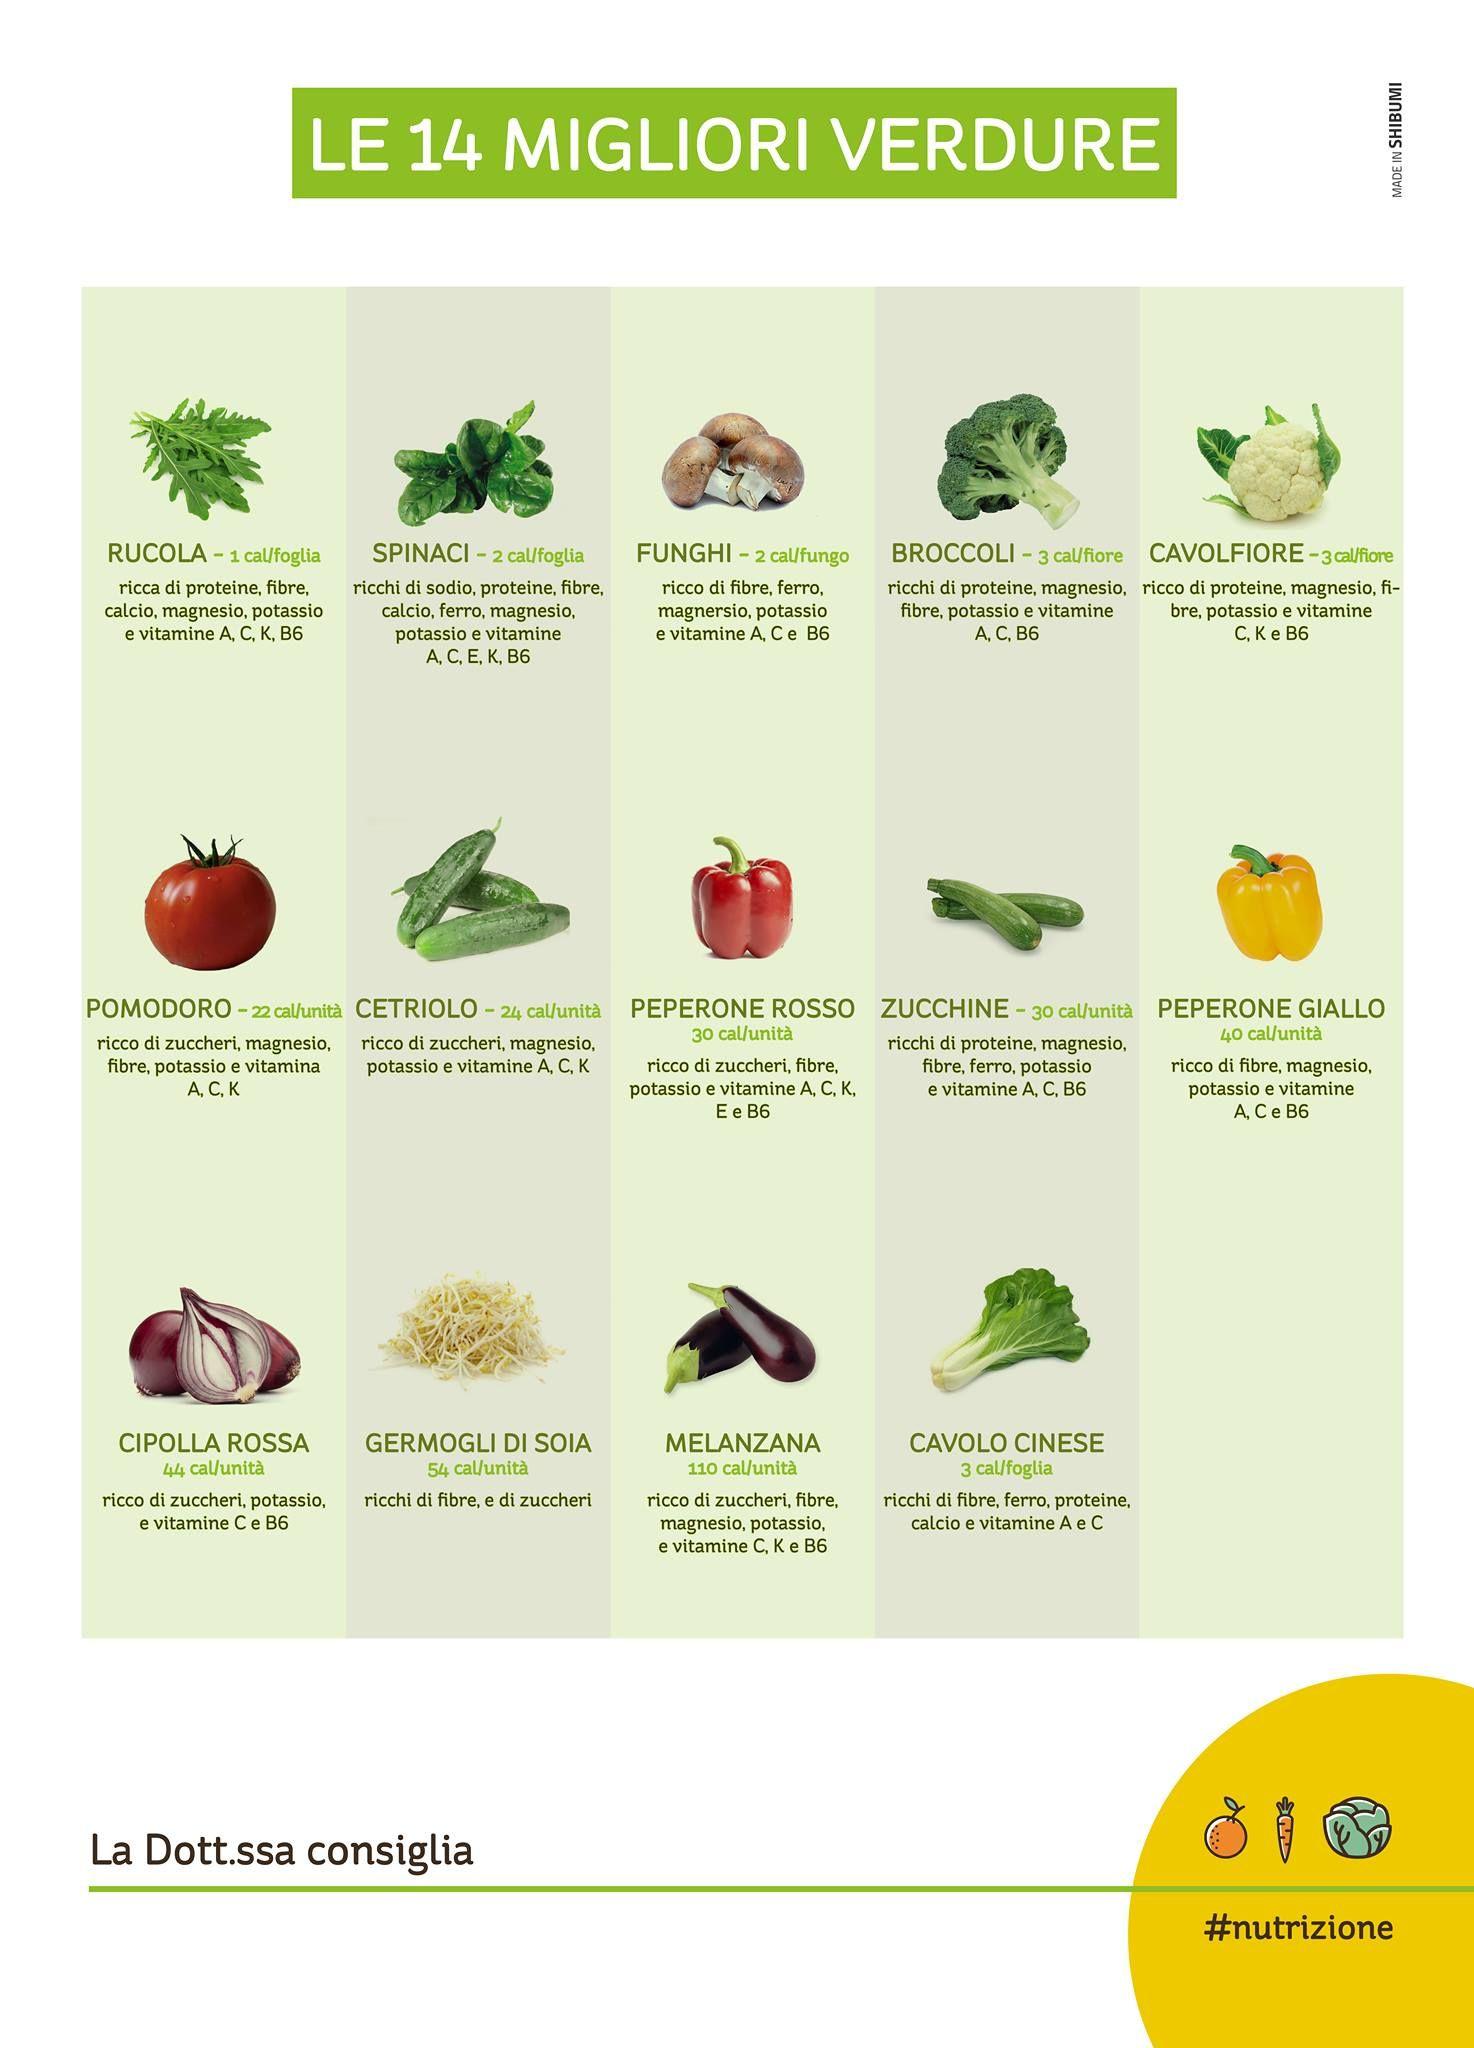 14 verdure ideali per la vostra dieta e per una sana alimentazione. Ecco quali sono.